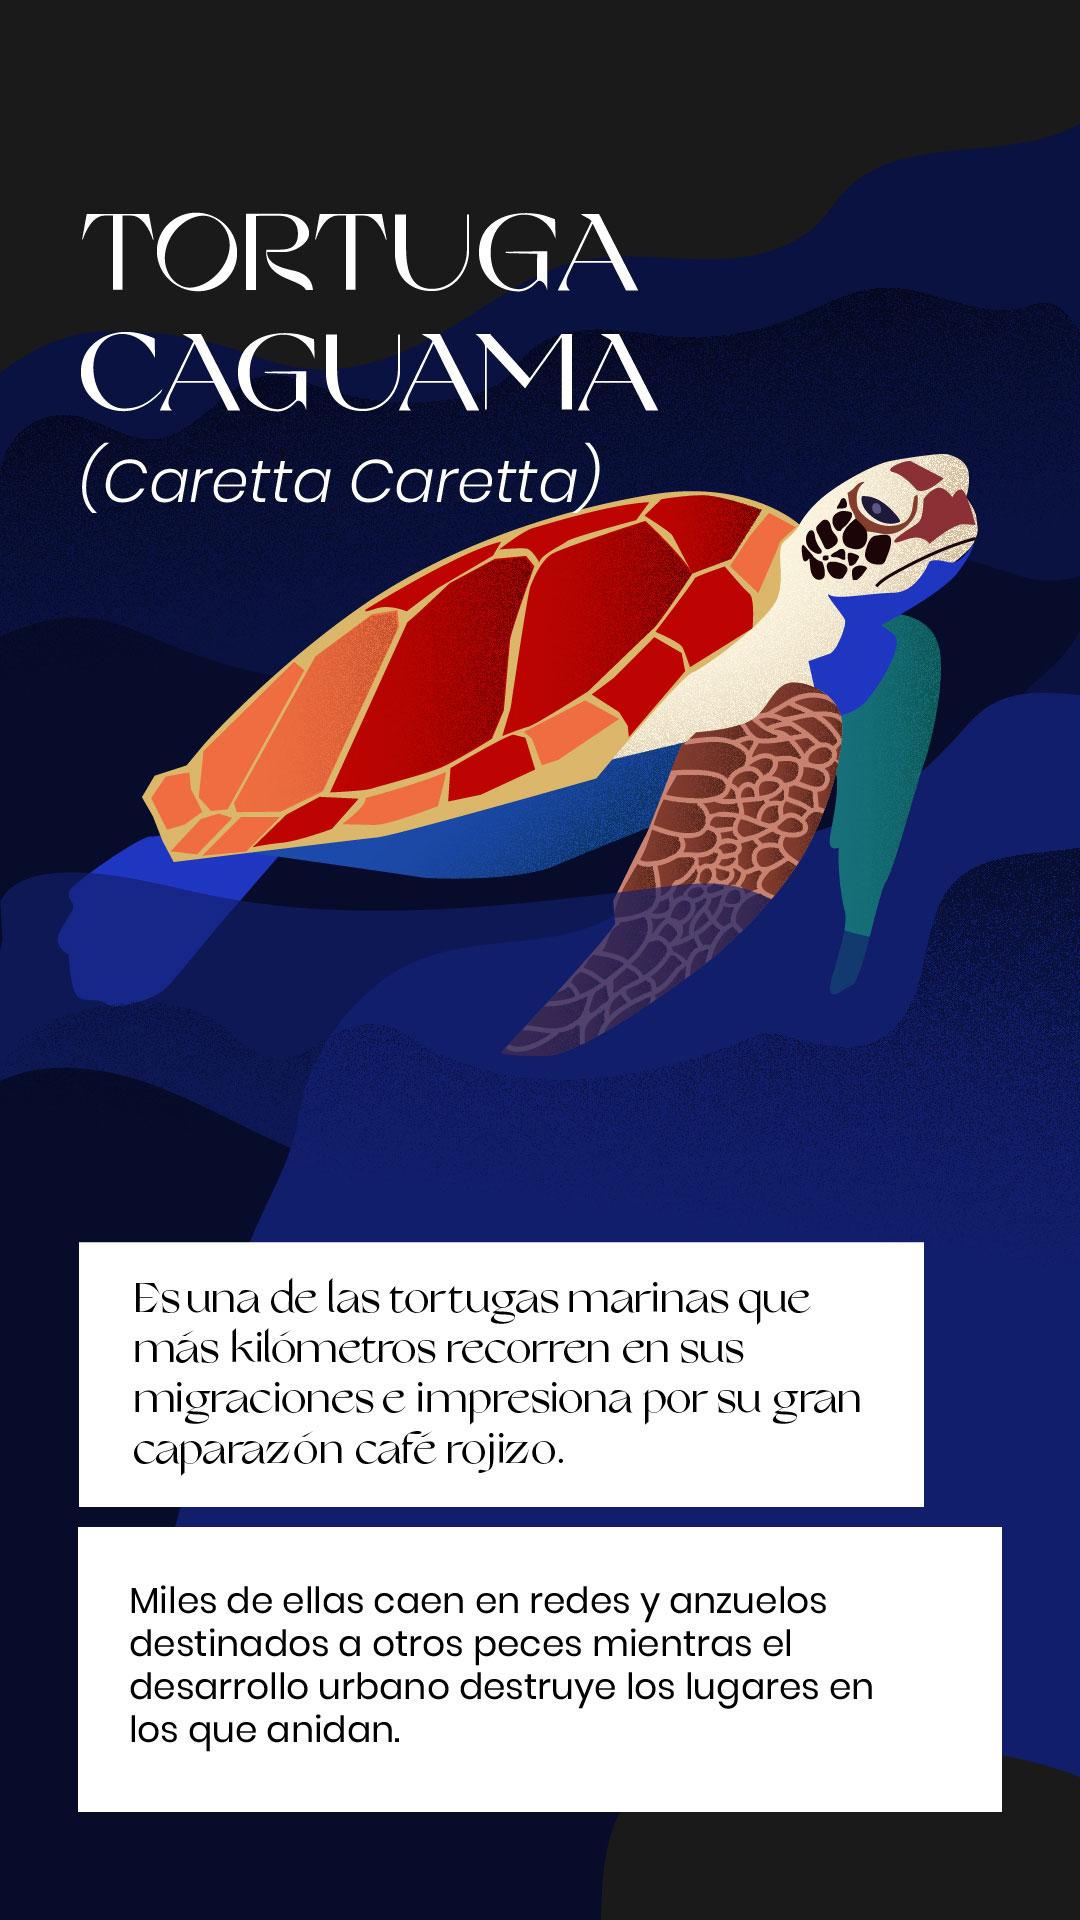 Tortuga caguama extinción